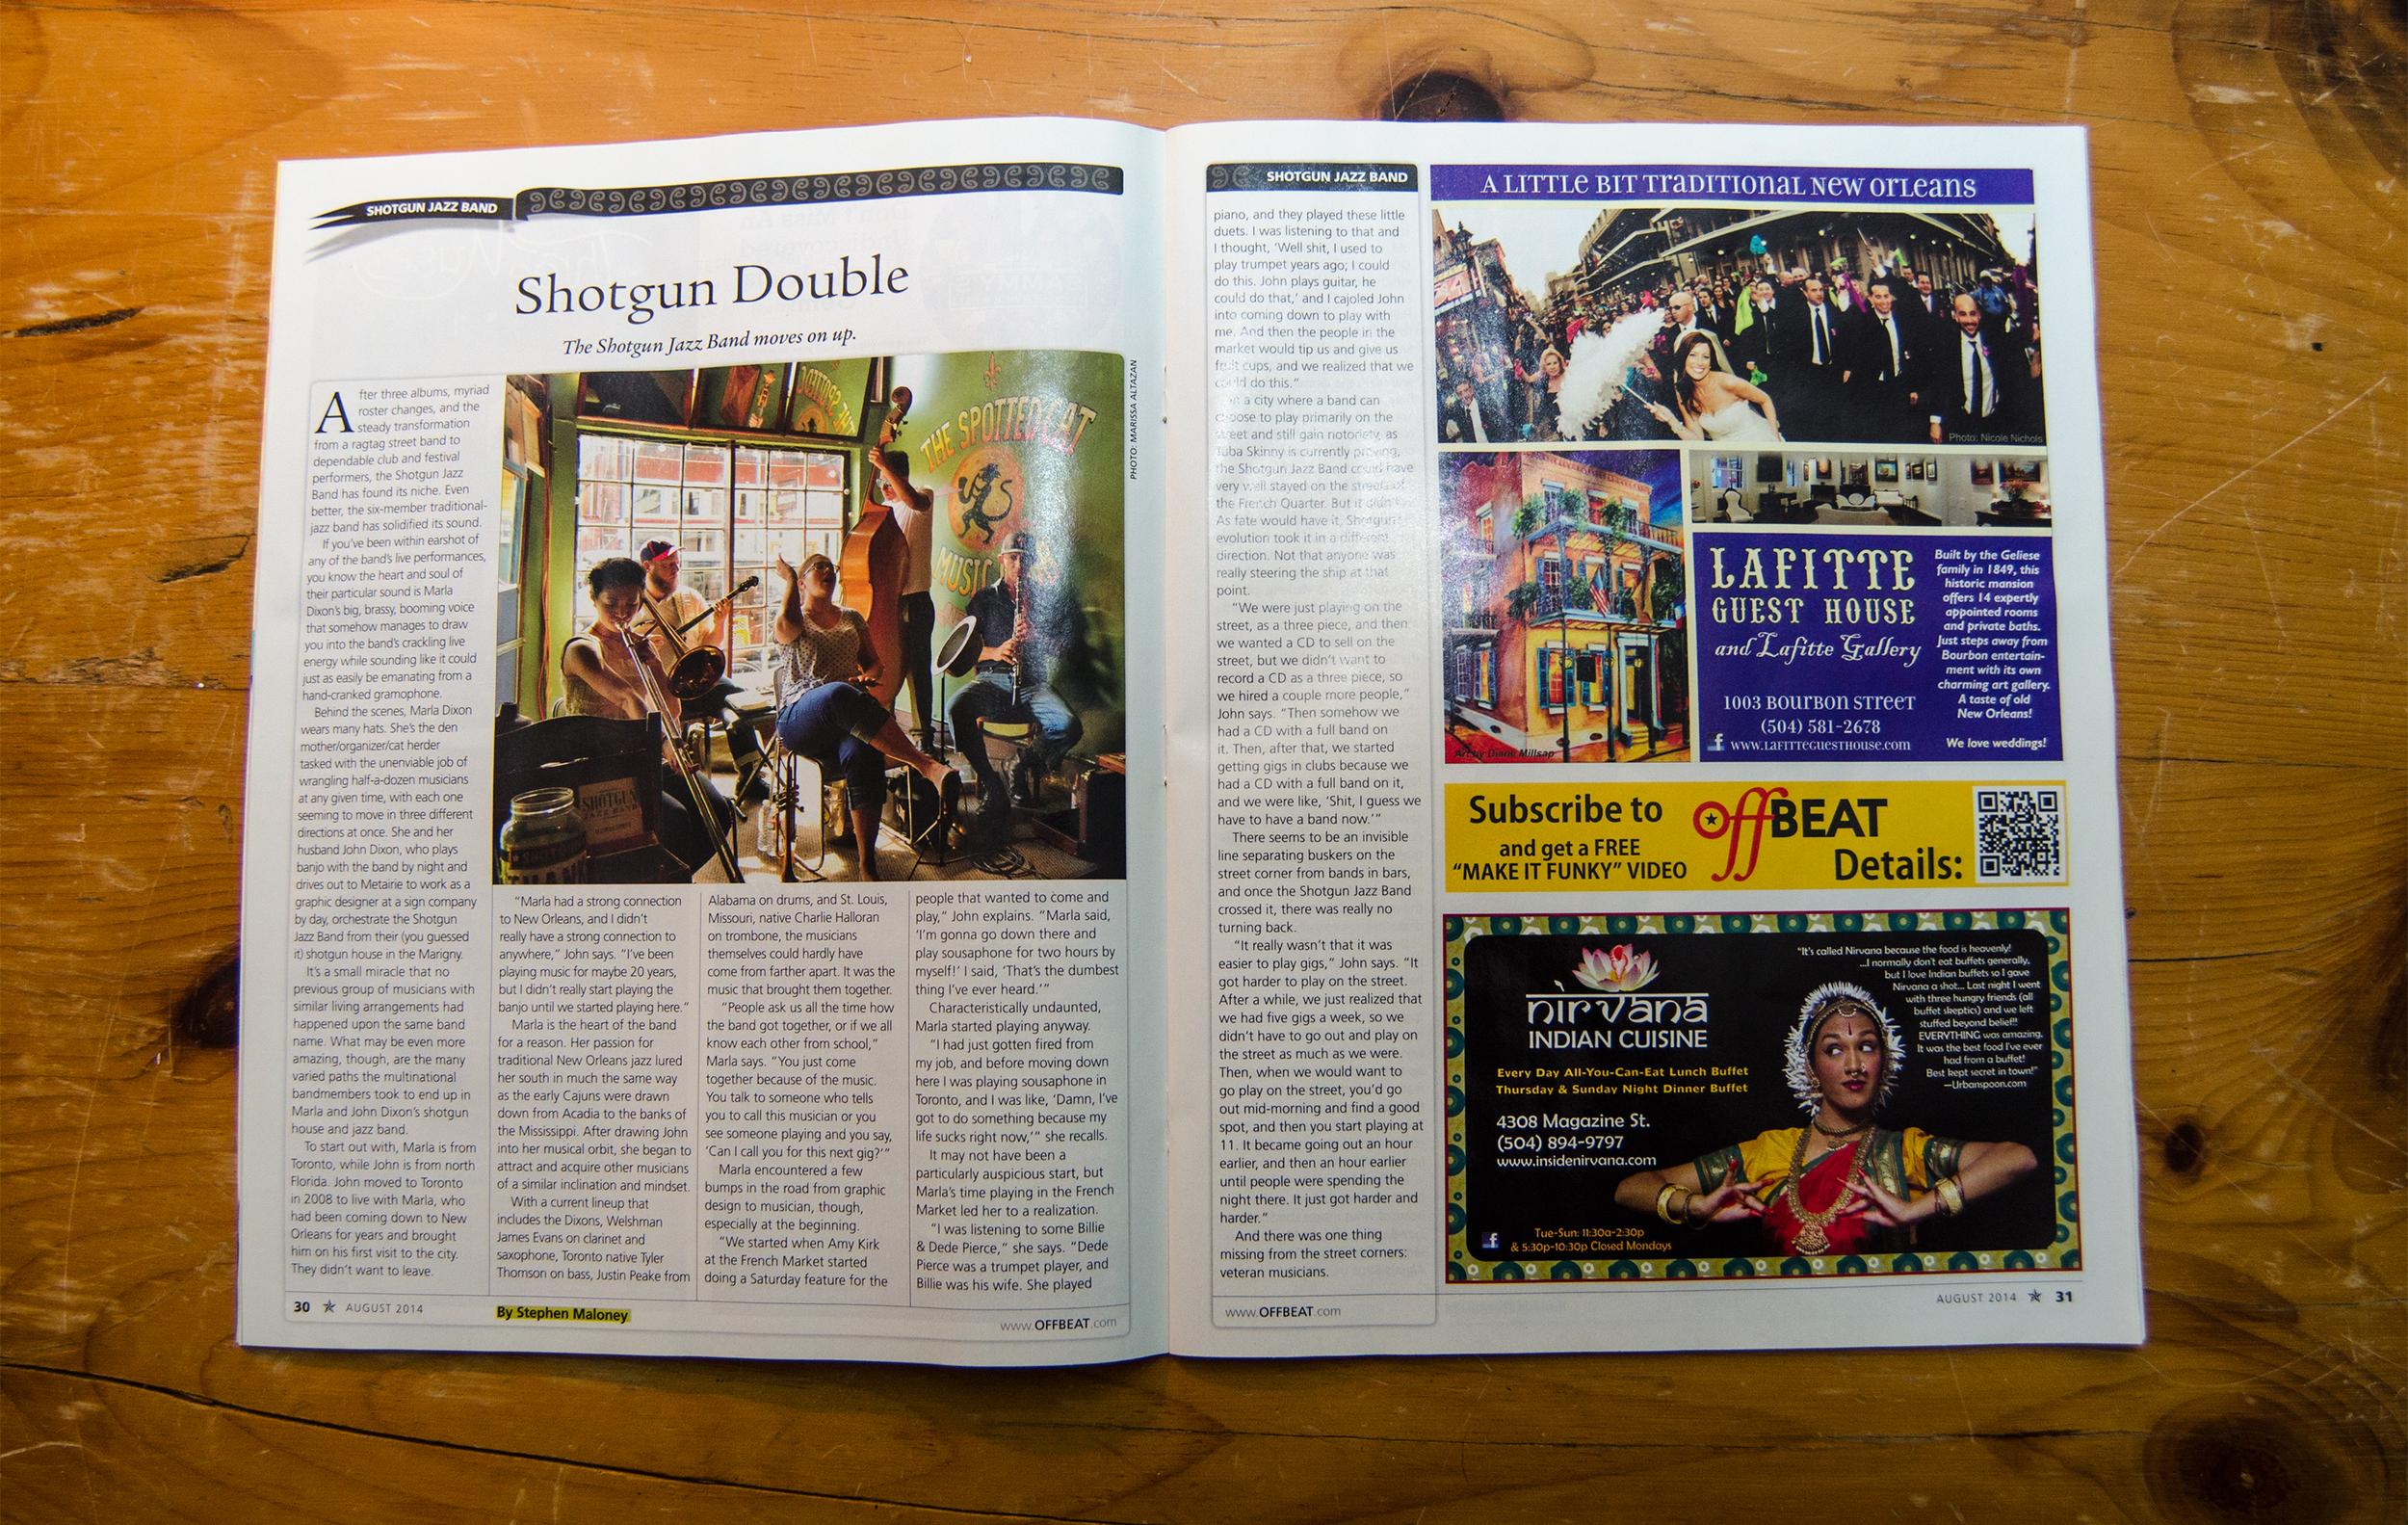 Offbeat Magazine, August 2014